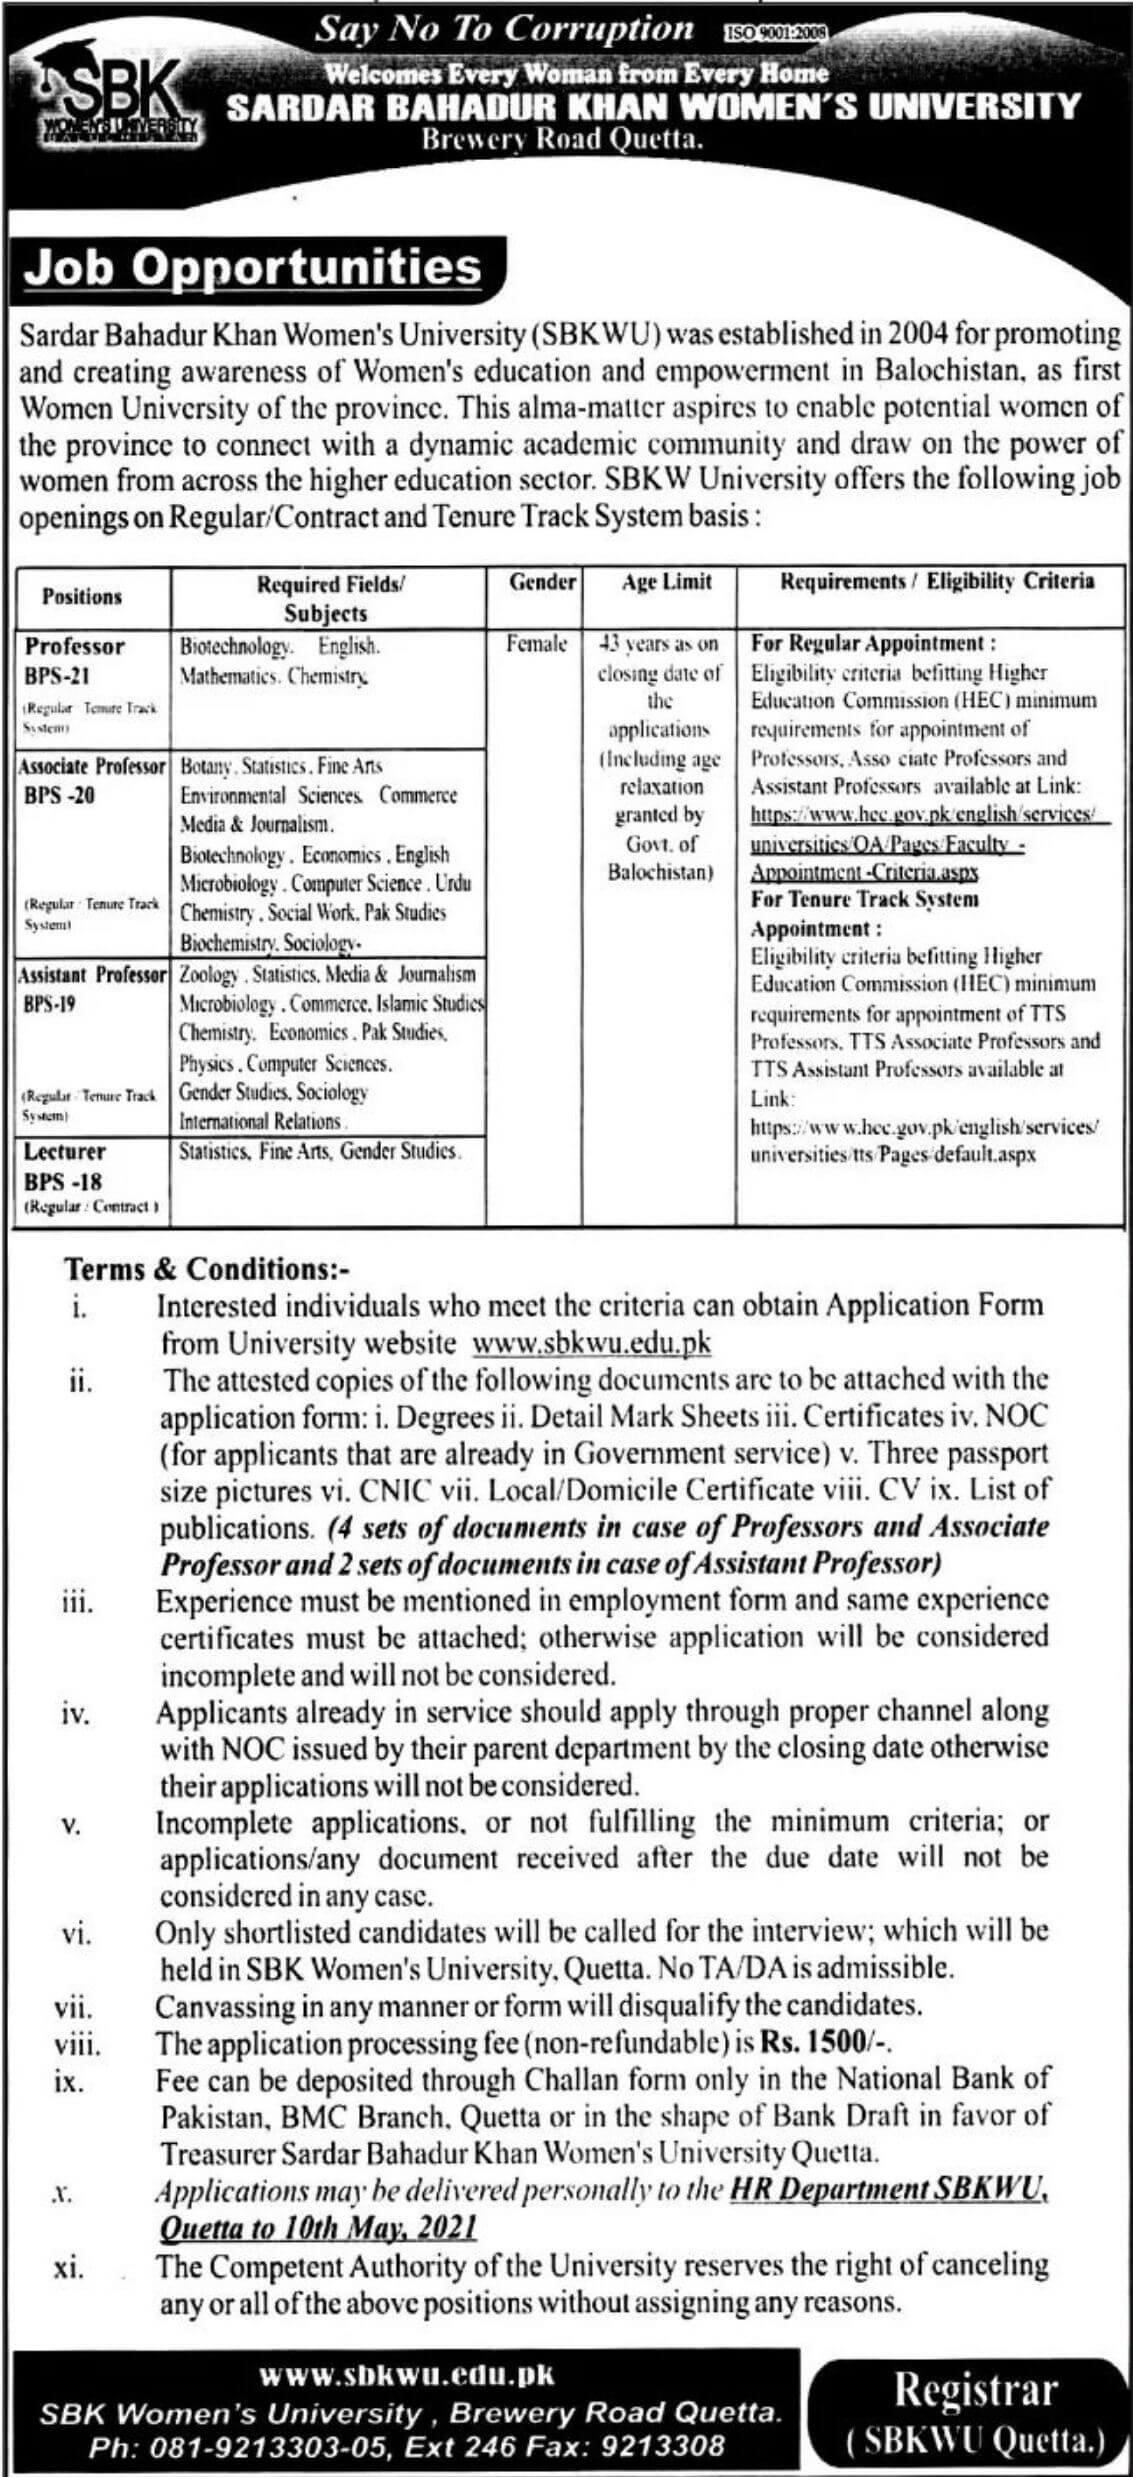 Sardar Bahadur Khan Womens University Jobs 2021